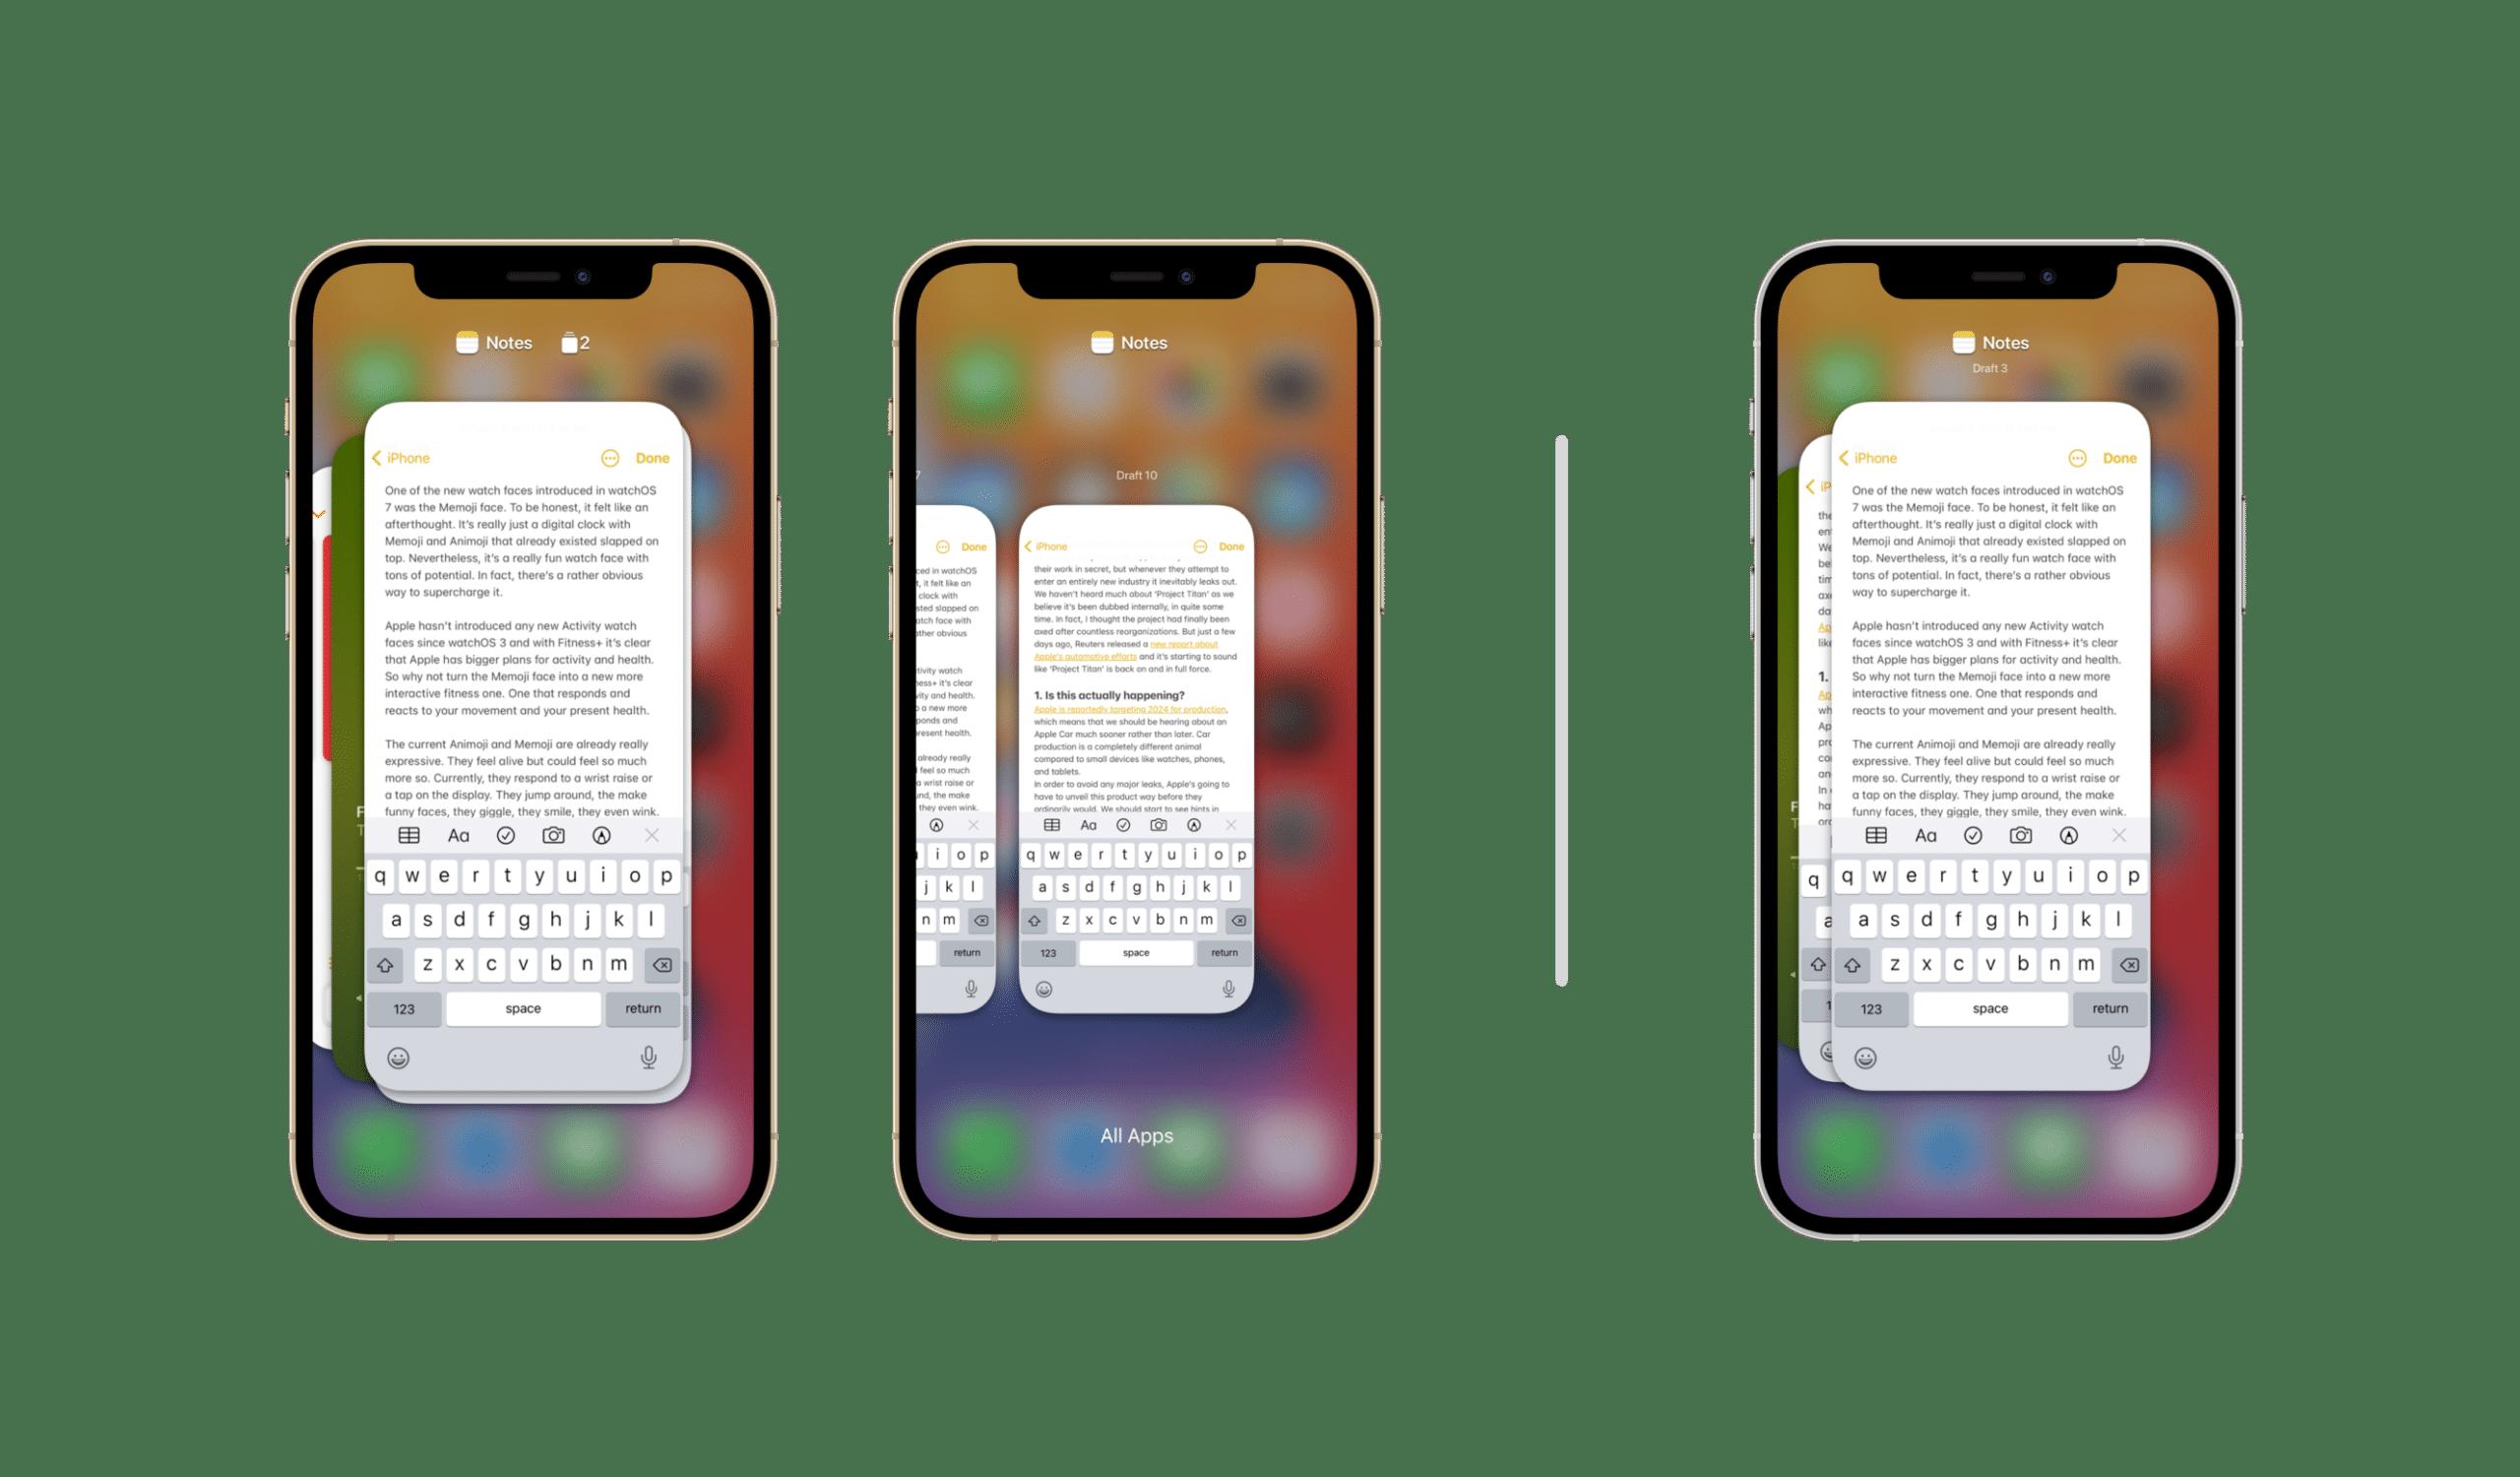 Conceito de múltiplas sessões de apps no iPhone